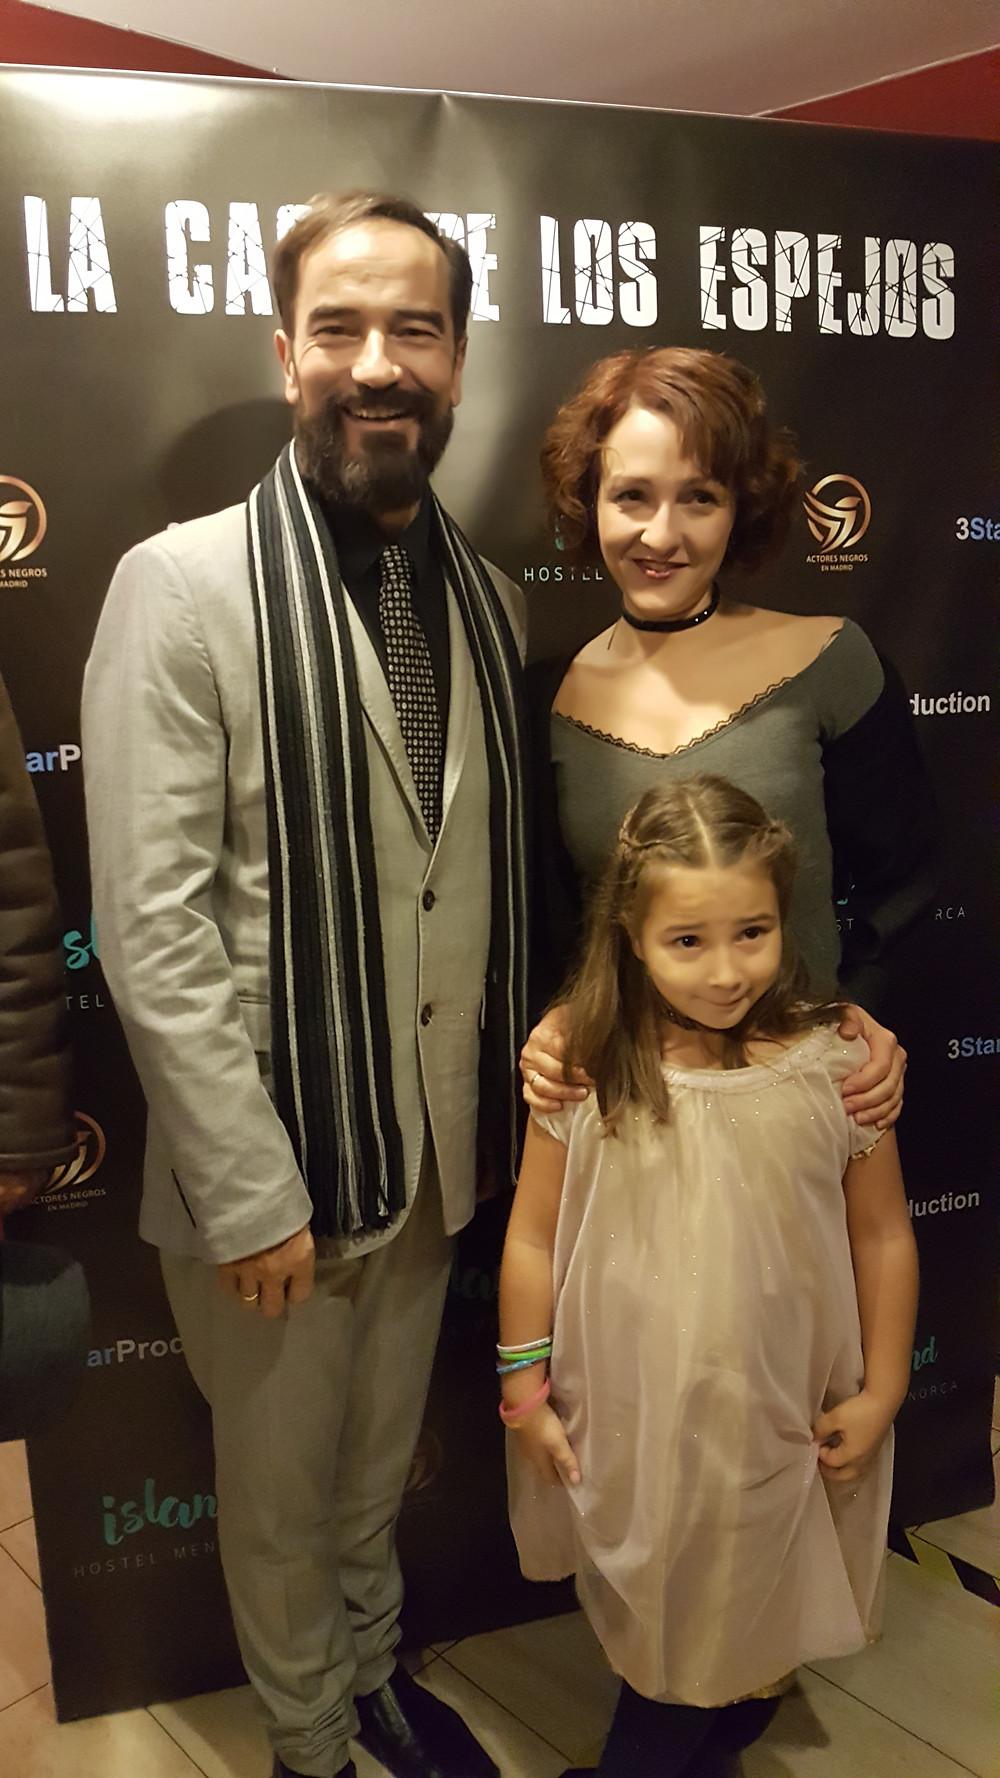 El actor Javier Peña acudió acompañado de su esposa, la también actriz Eva Velasco, y su hija, también actriz de la película, Olivia Peña.